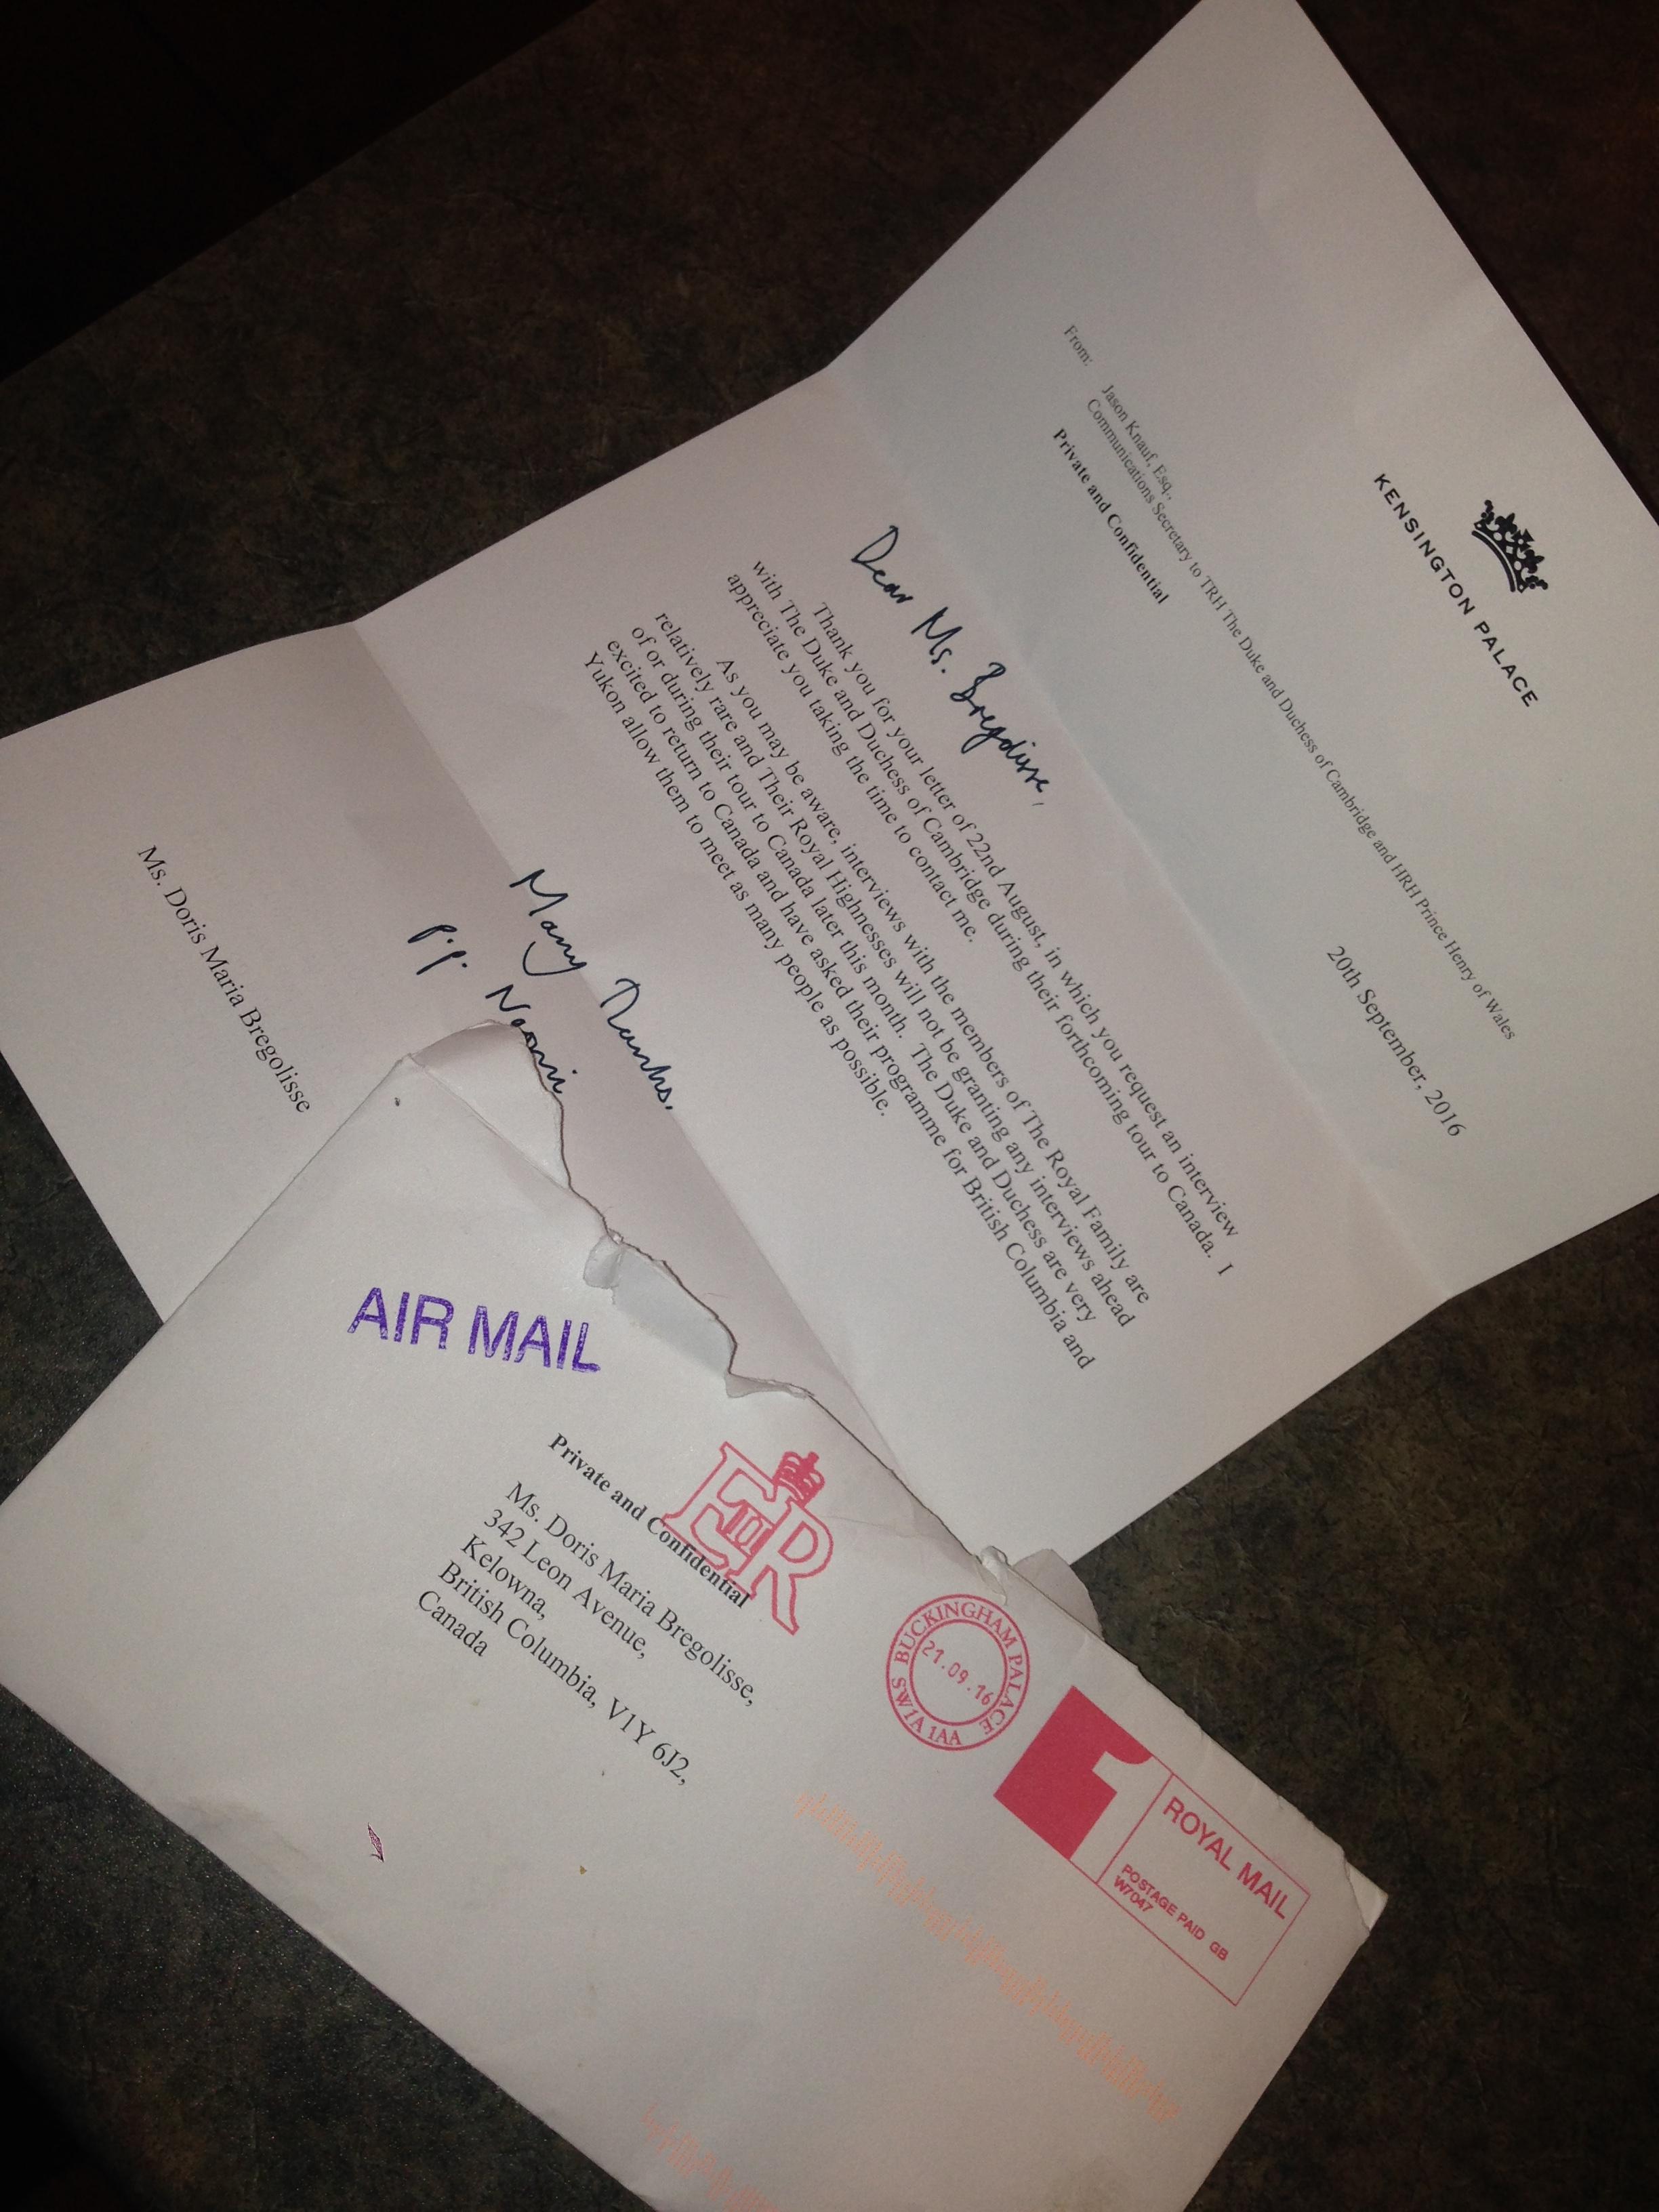 Kensington Palace letter Doris Bregolisse